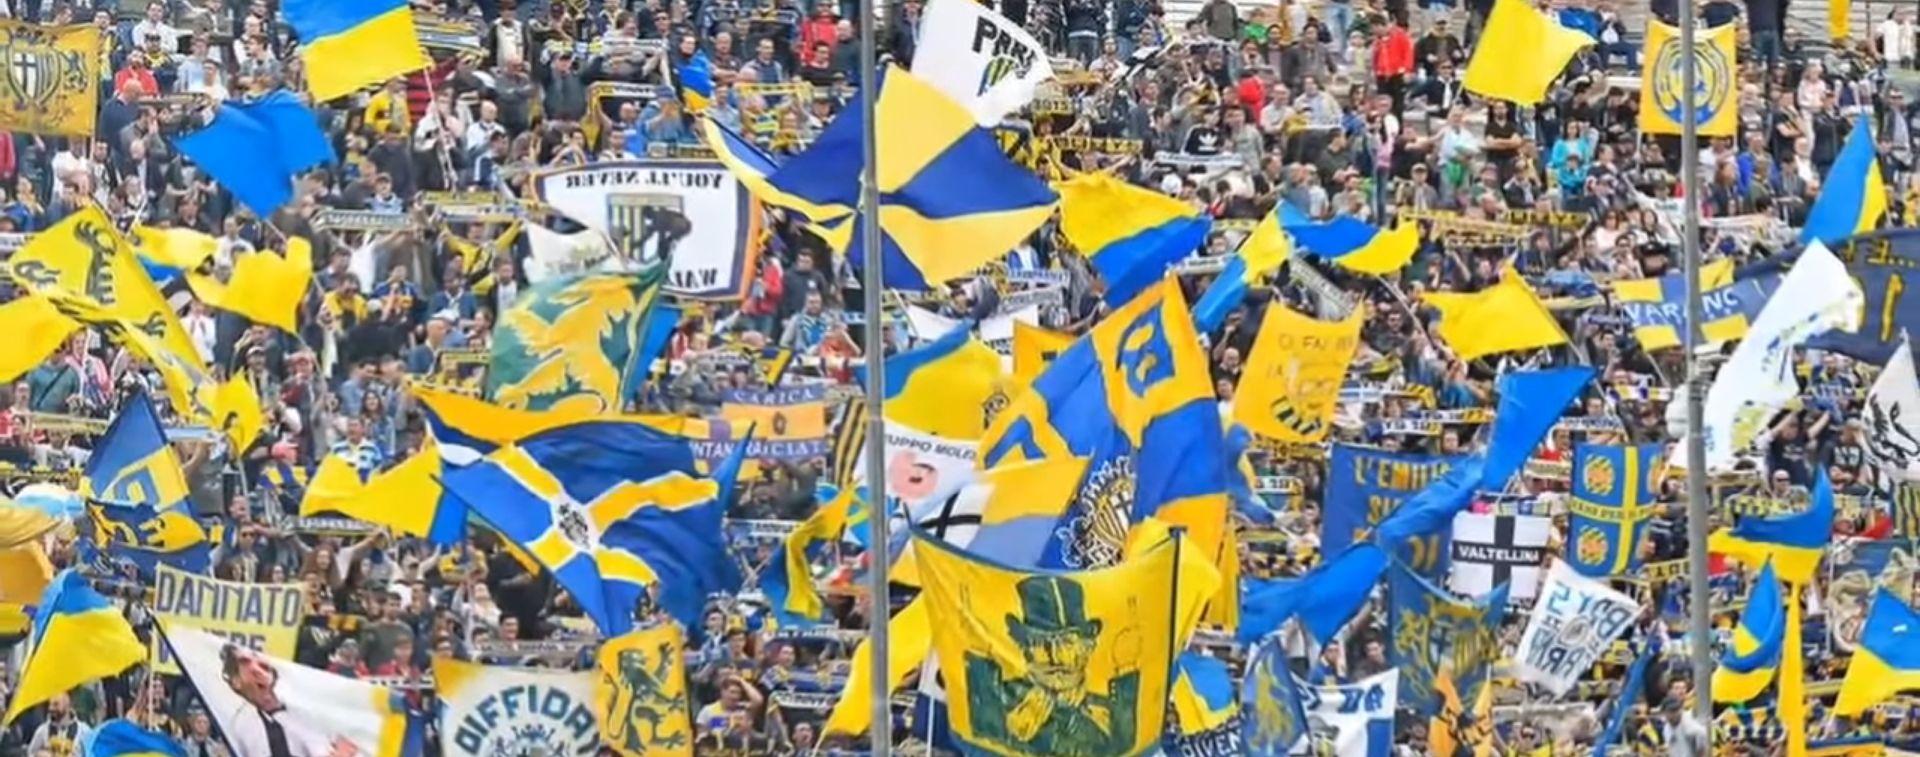 Parma u tri godine od četvrte do prve lige